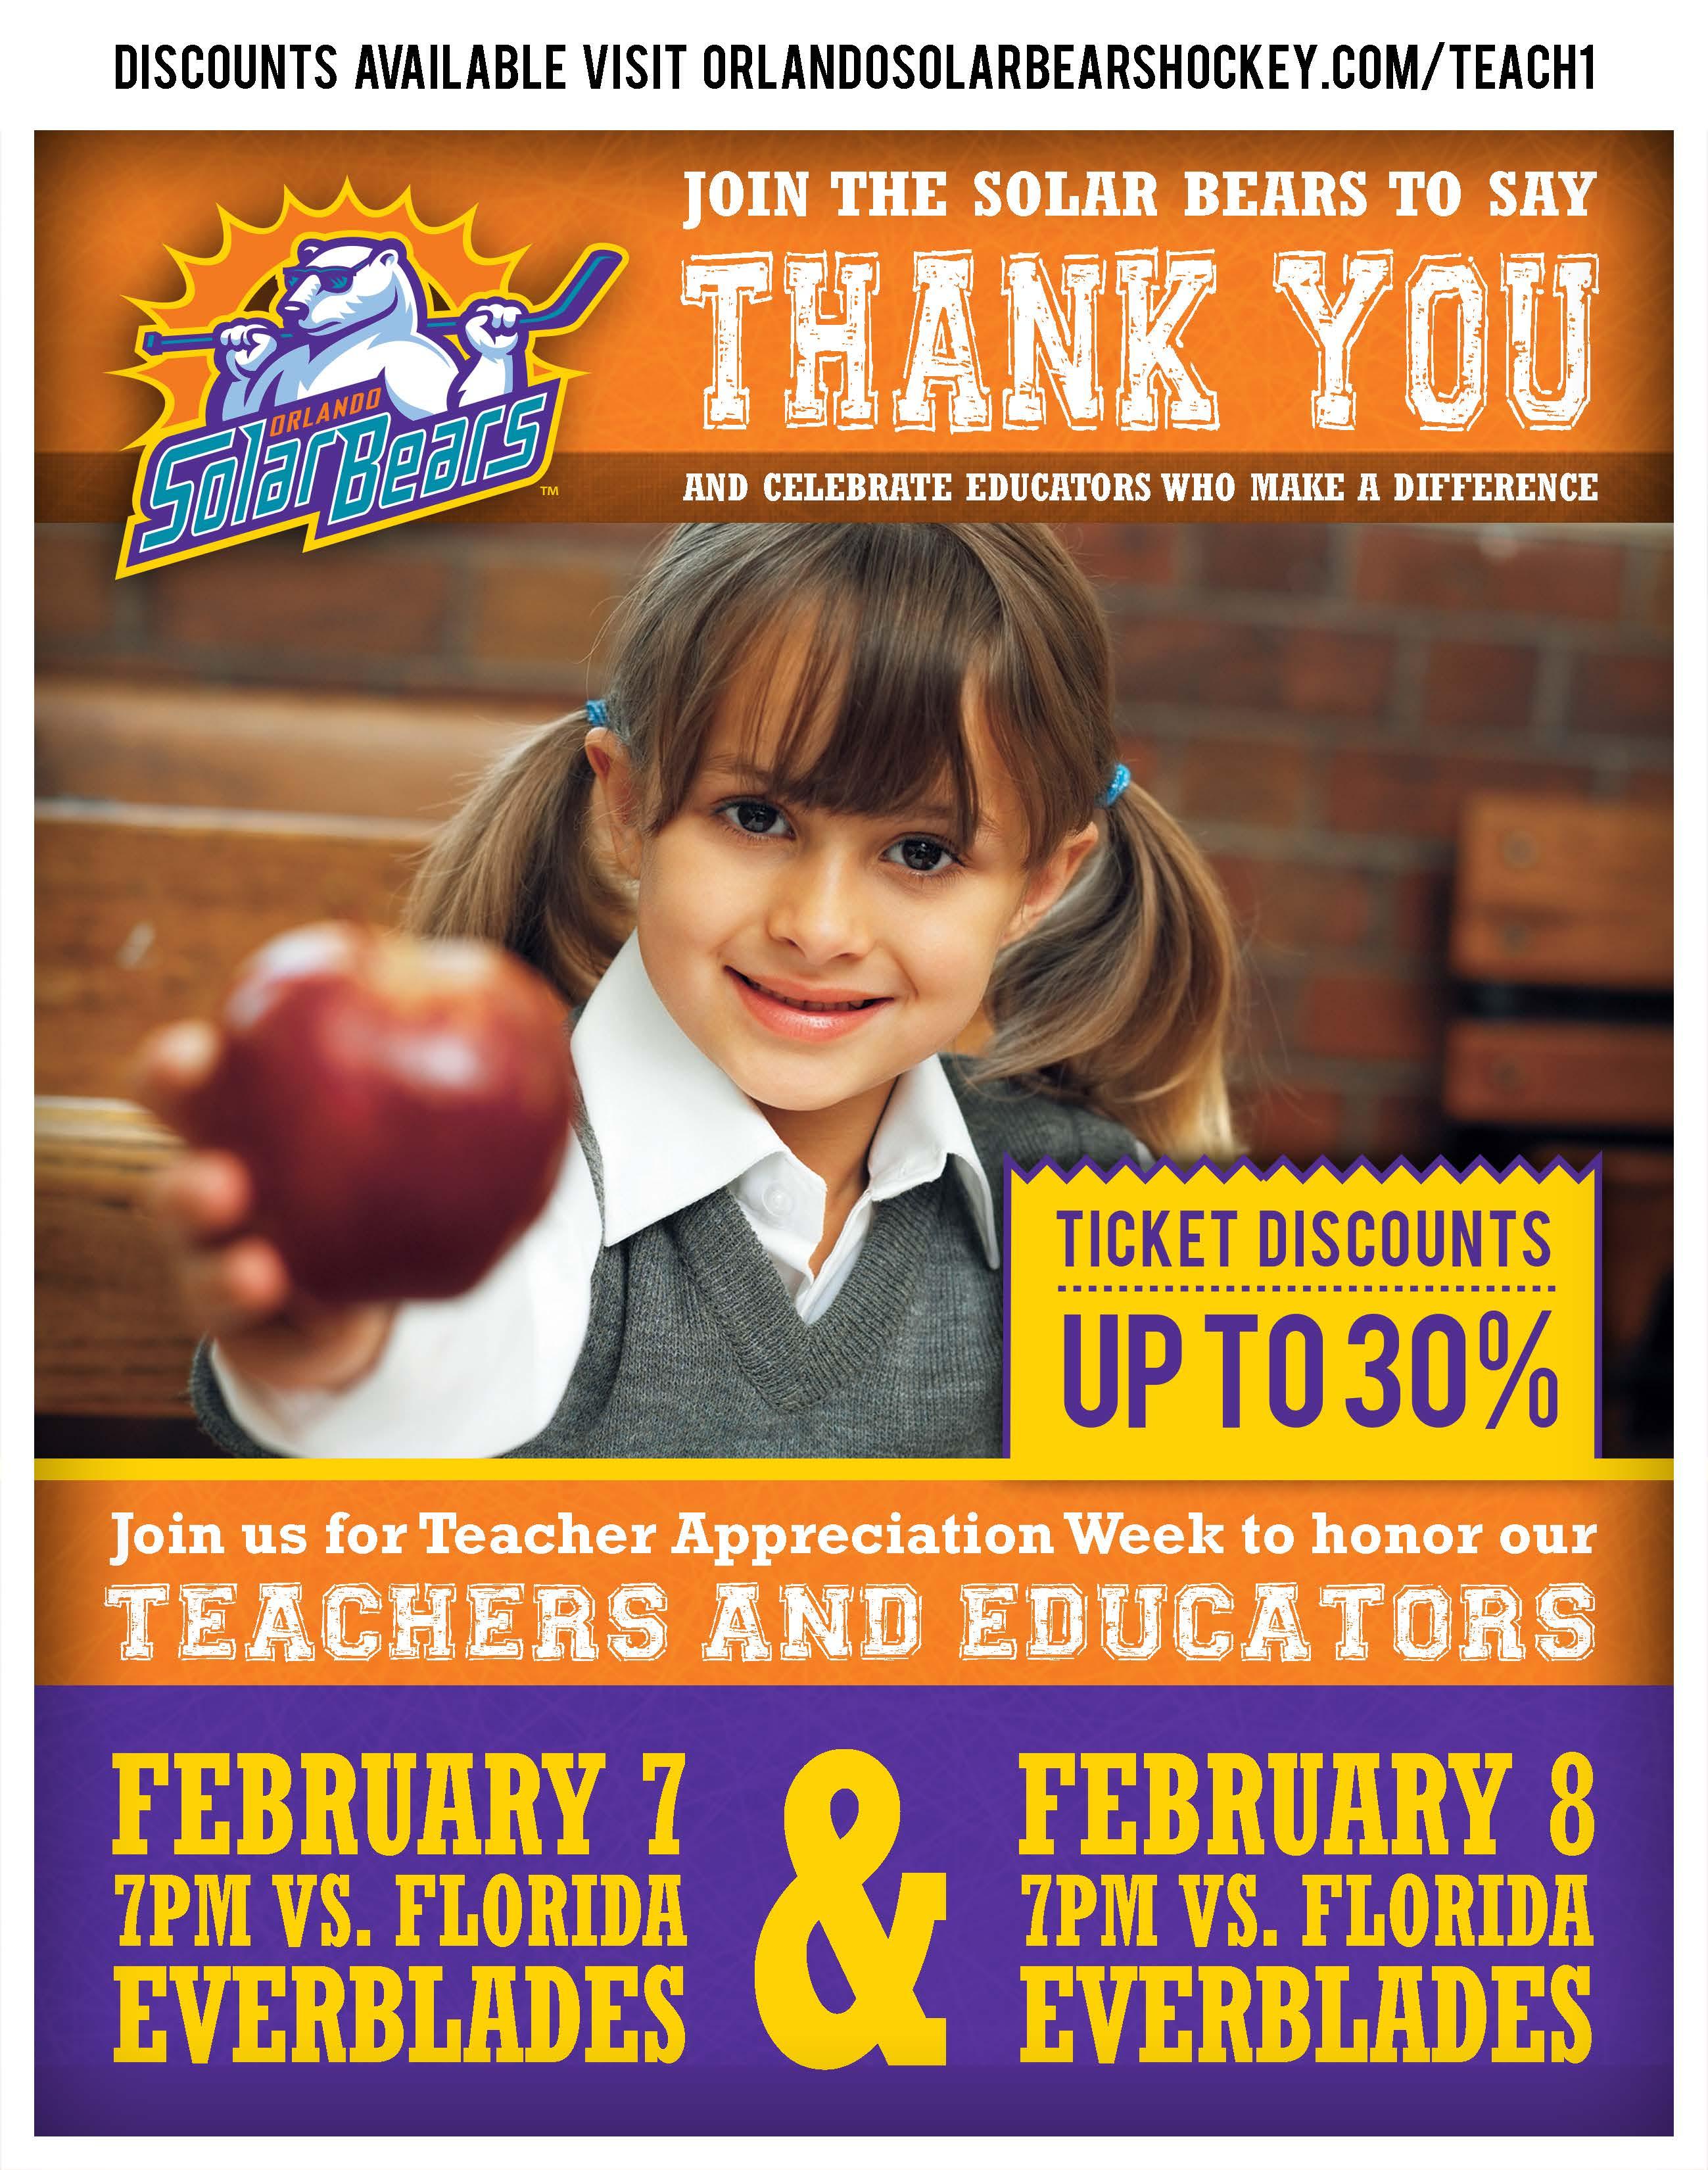 SolarBears_teachers_teach1